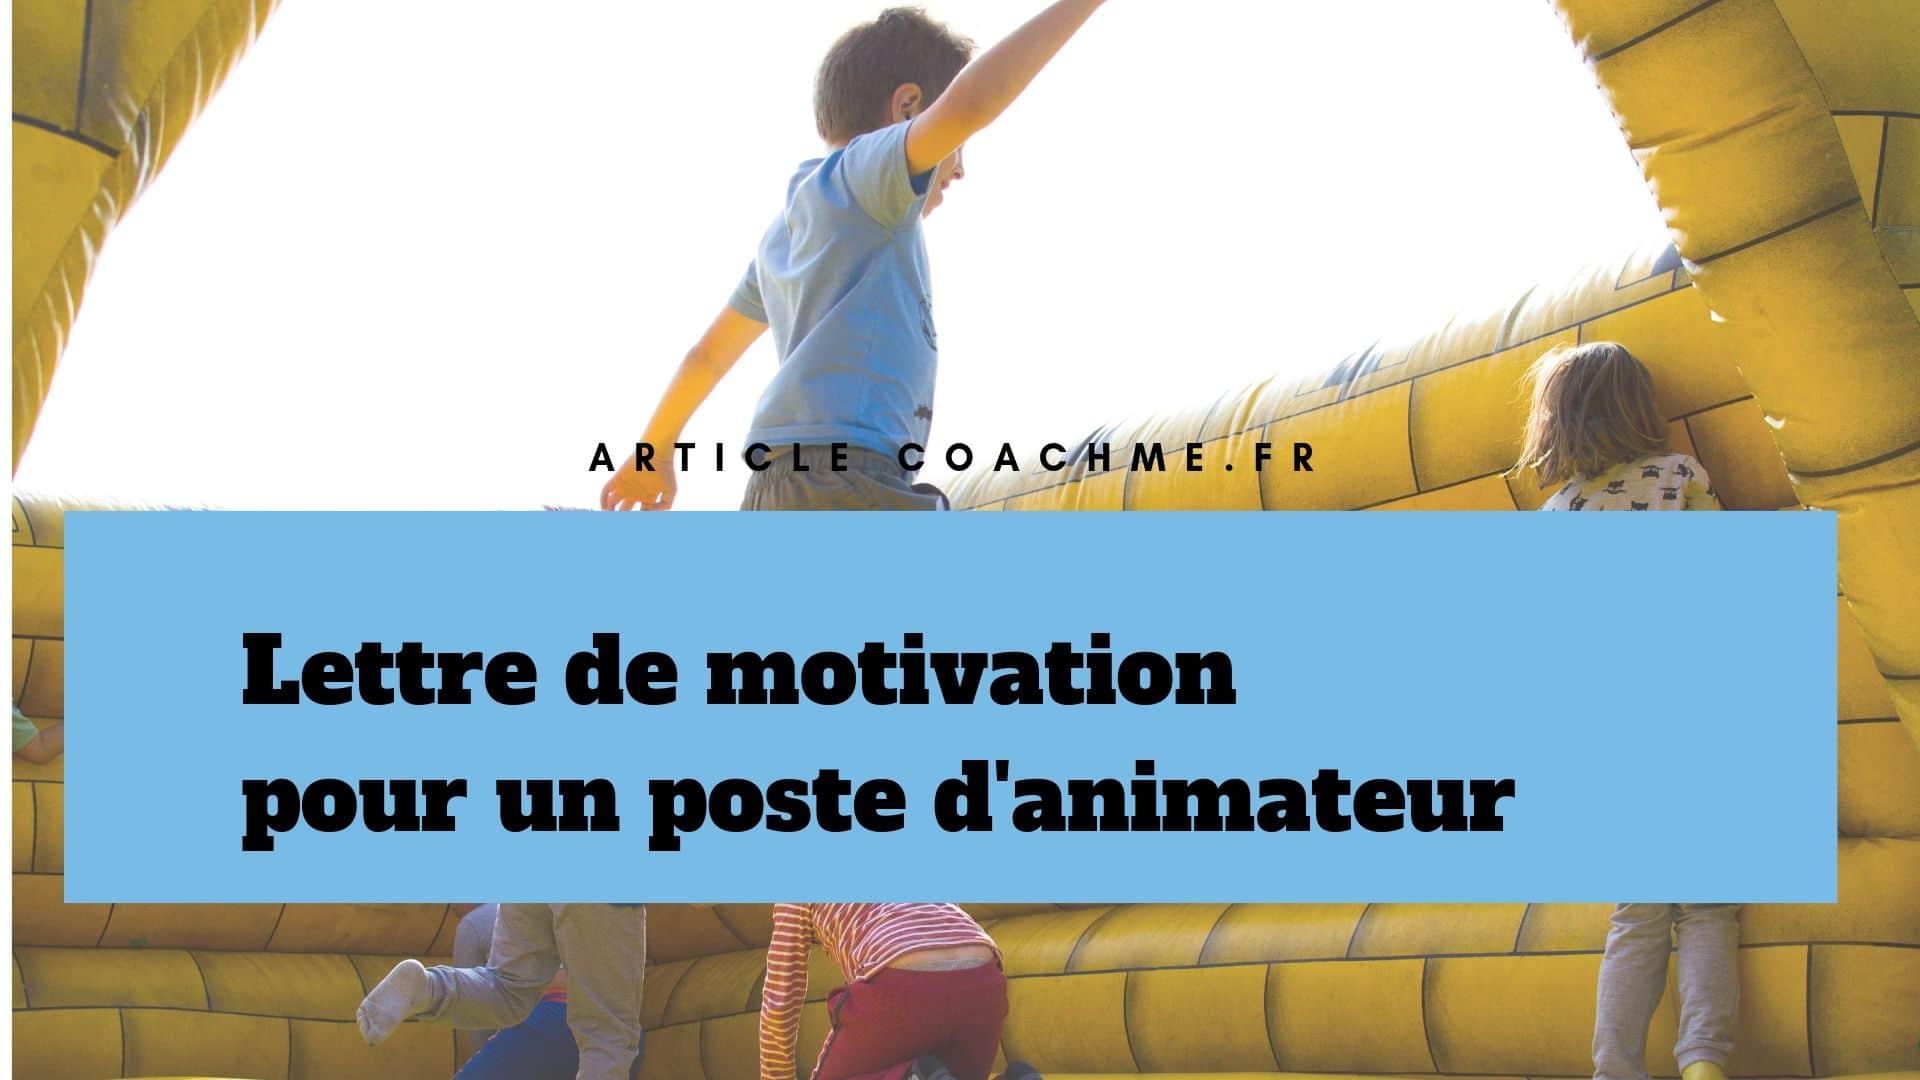 Lettre de motivation pour un poste d'animateur & animatrice